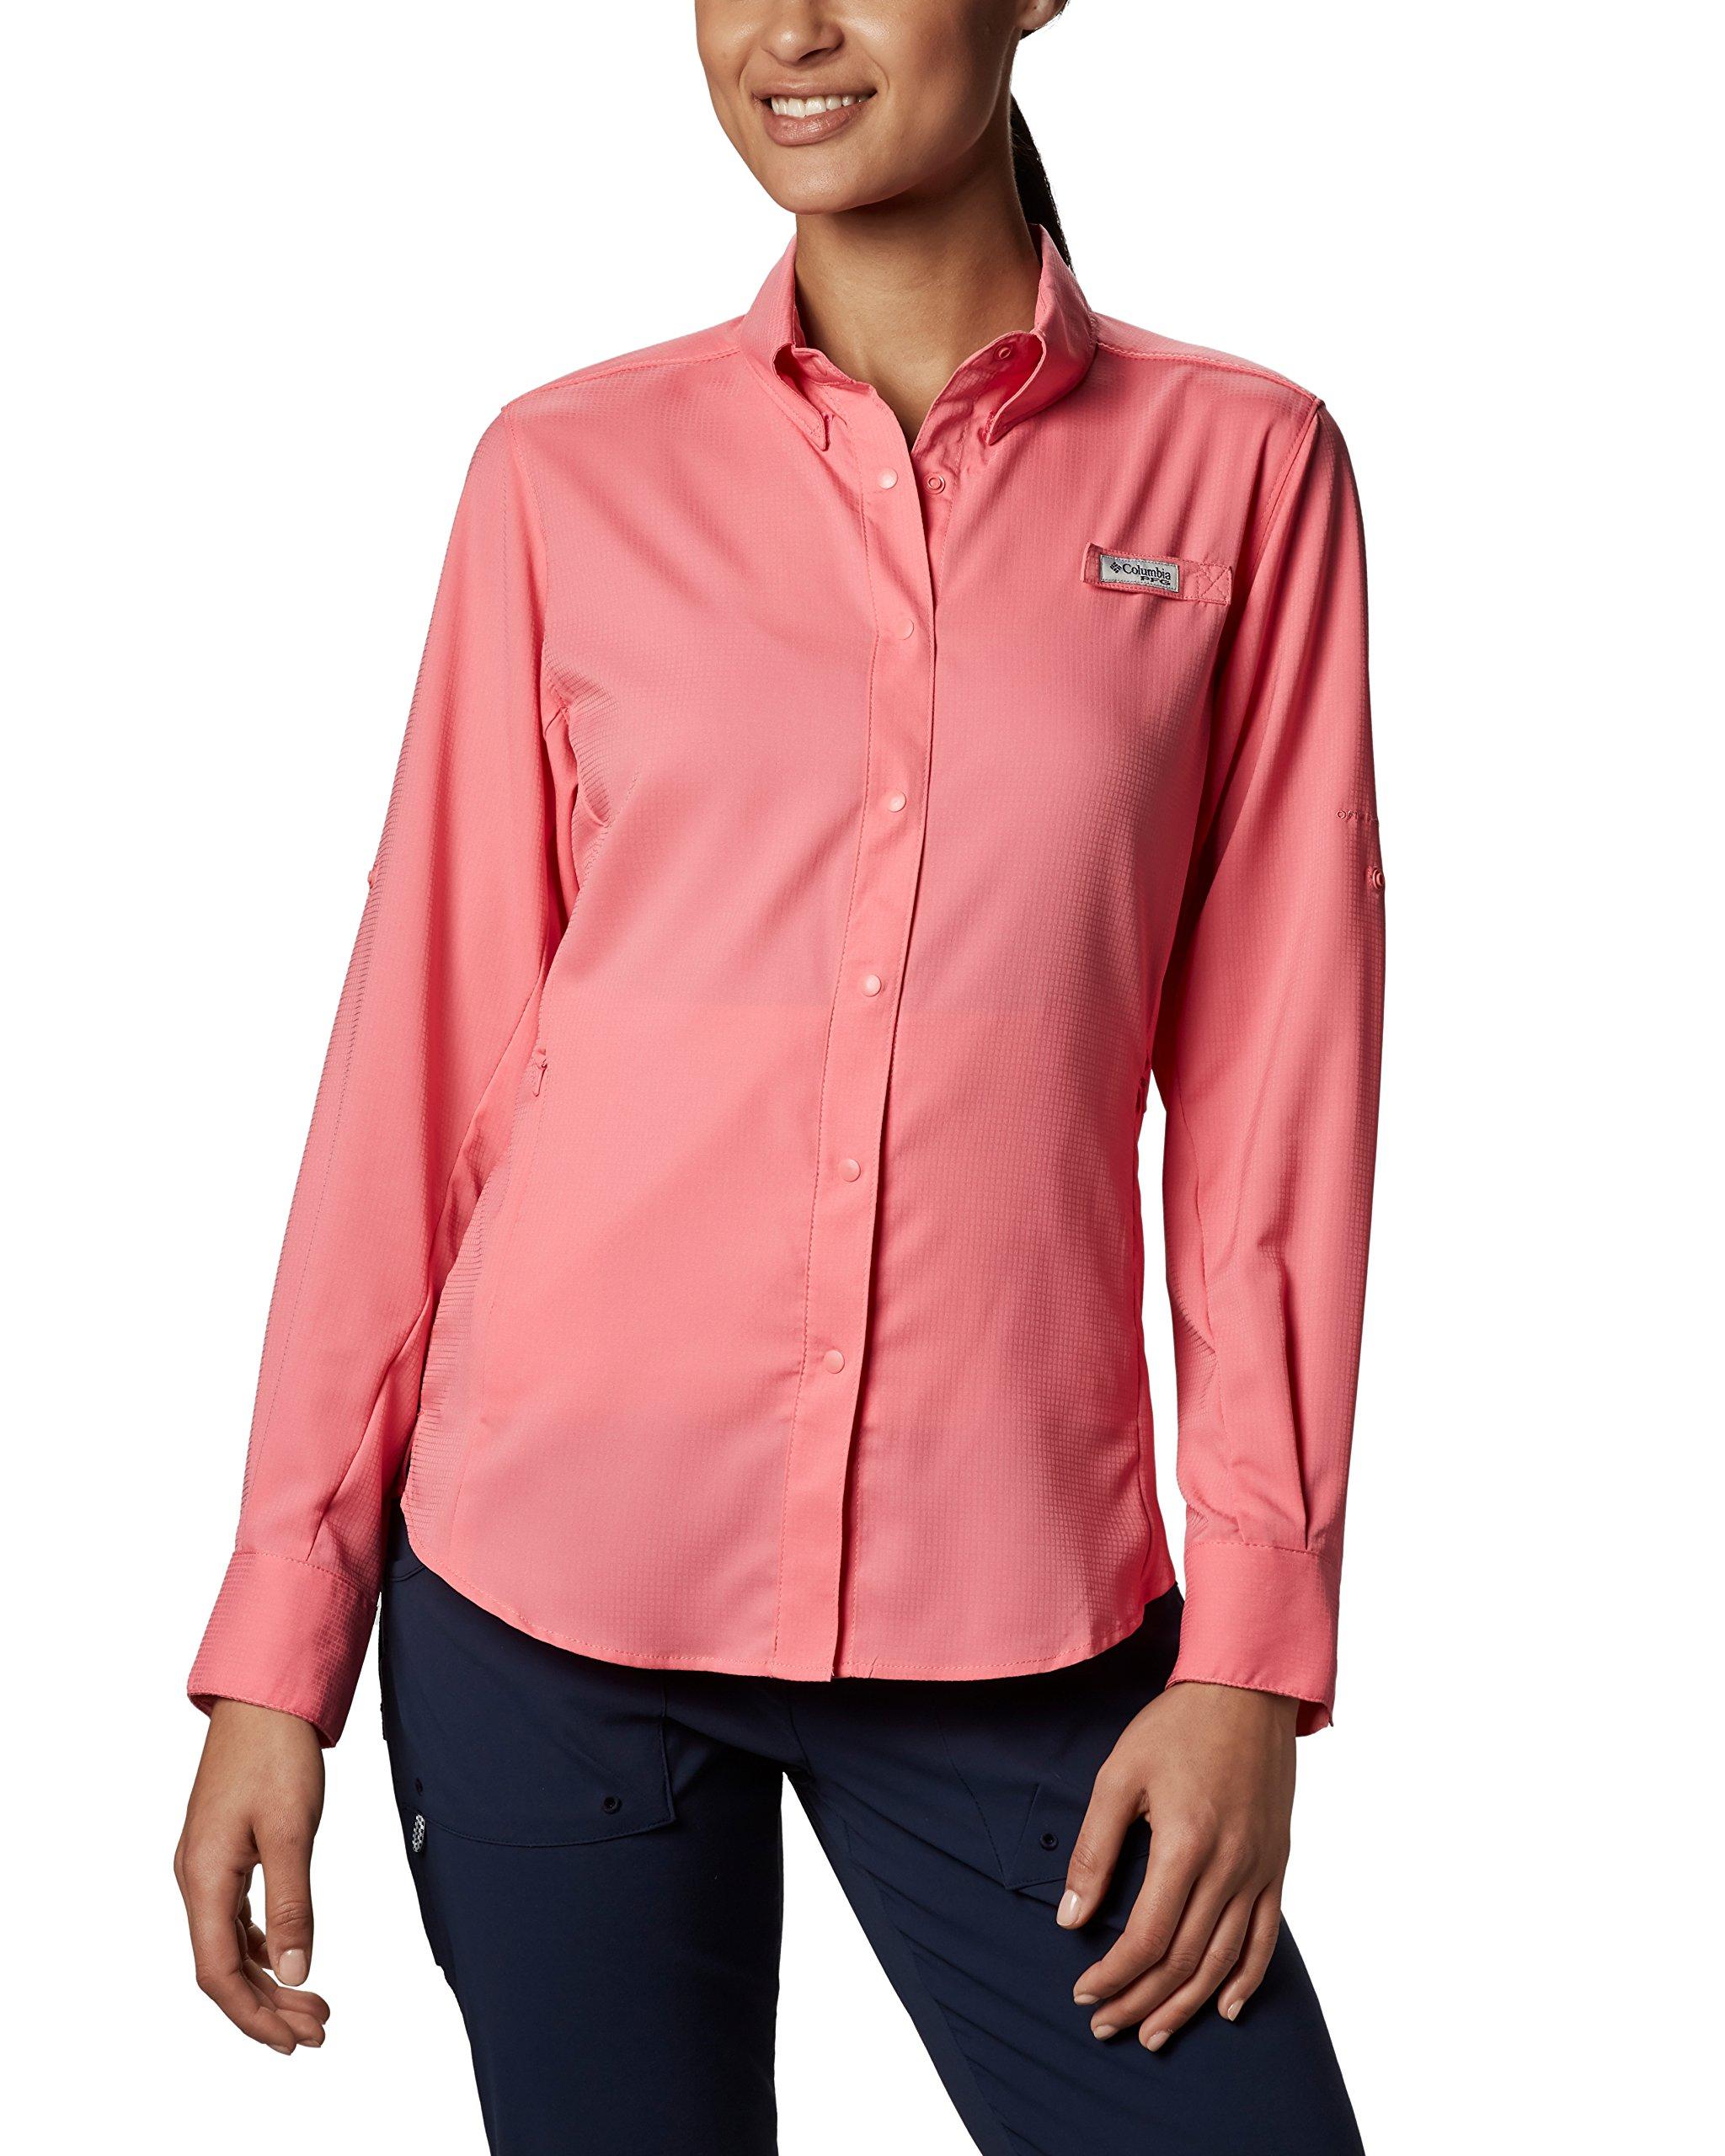 Columbia Sportswear Womens Tamiami Ii ls shirt, Lollipop, X-Small